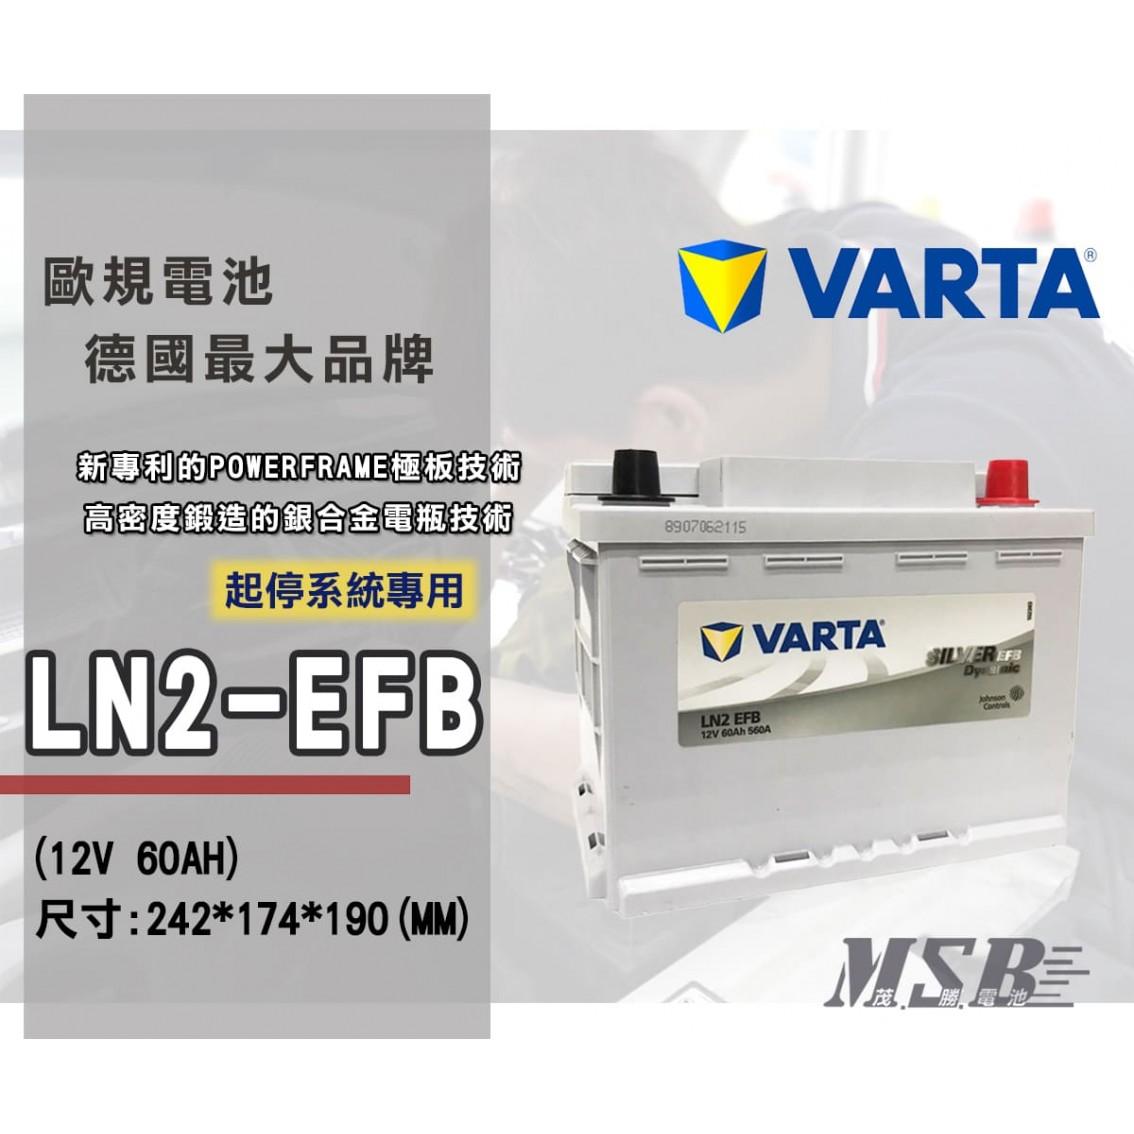 LN2-EFB